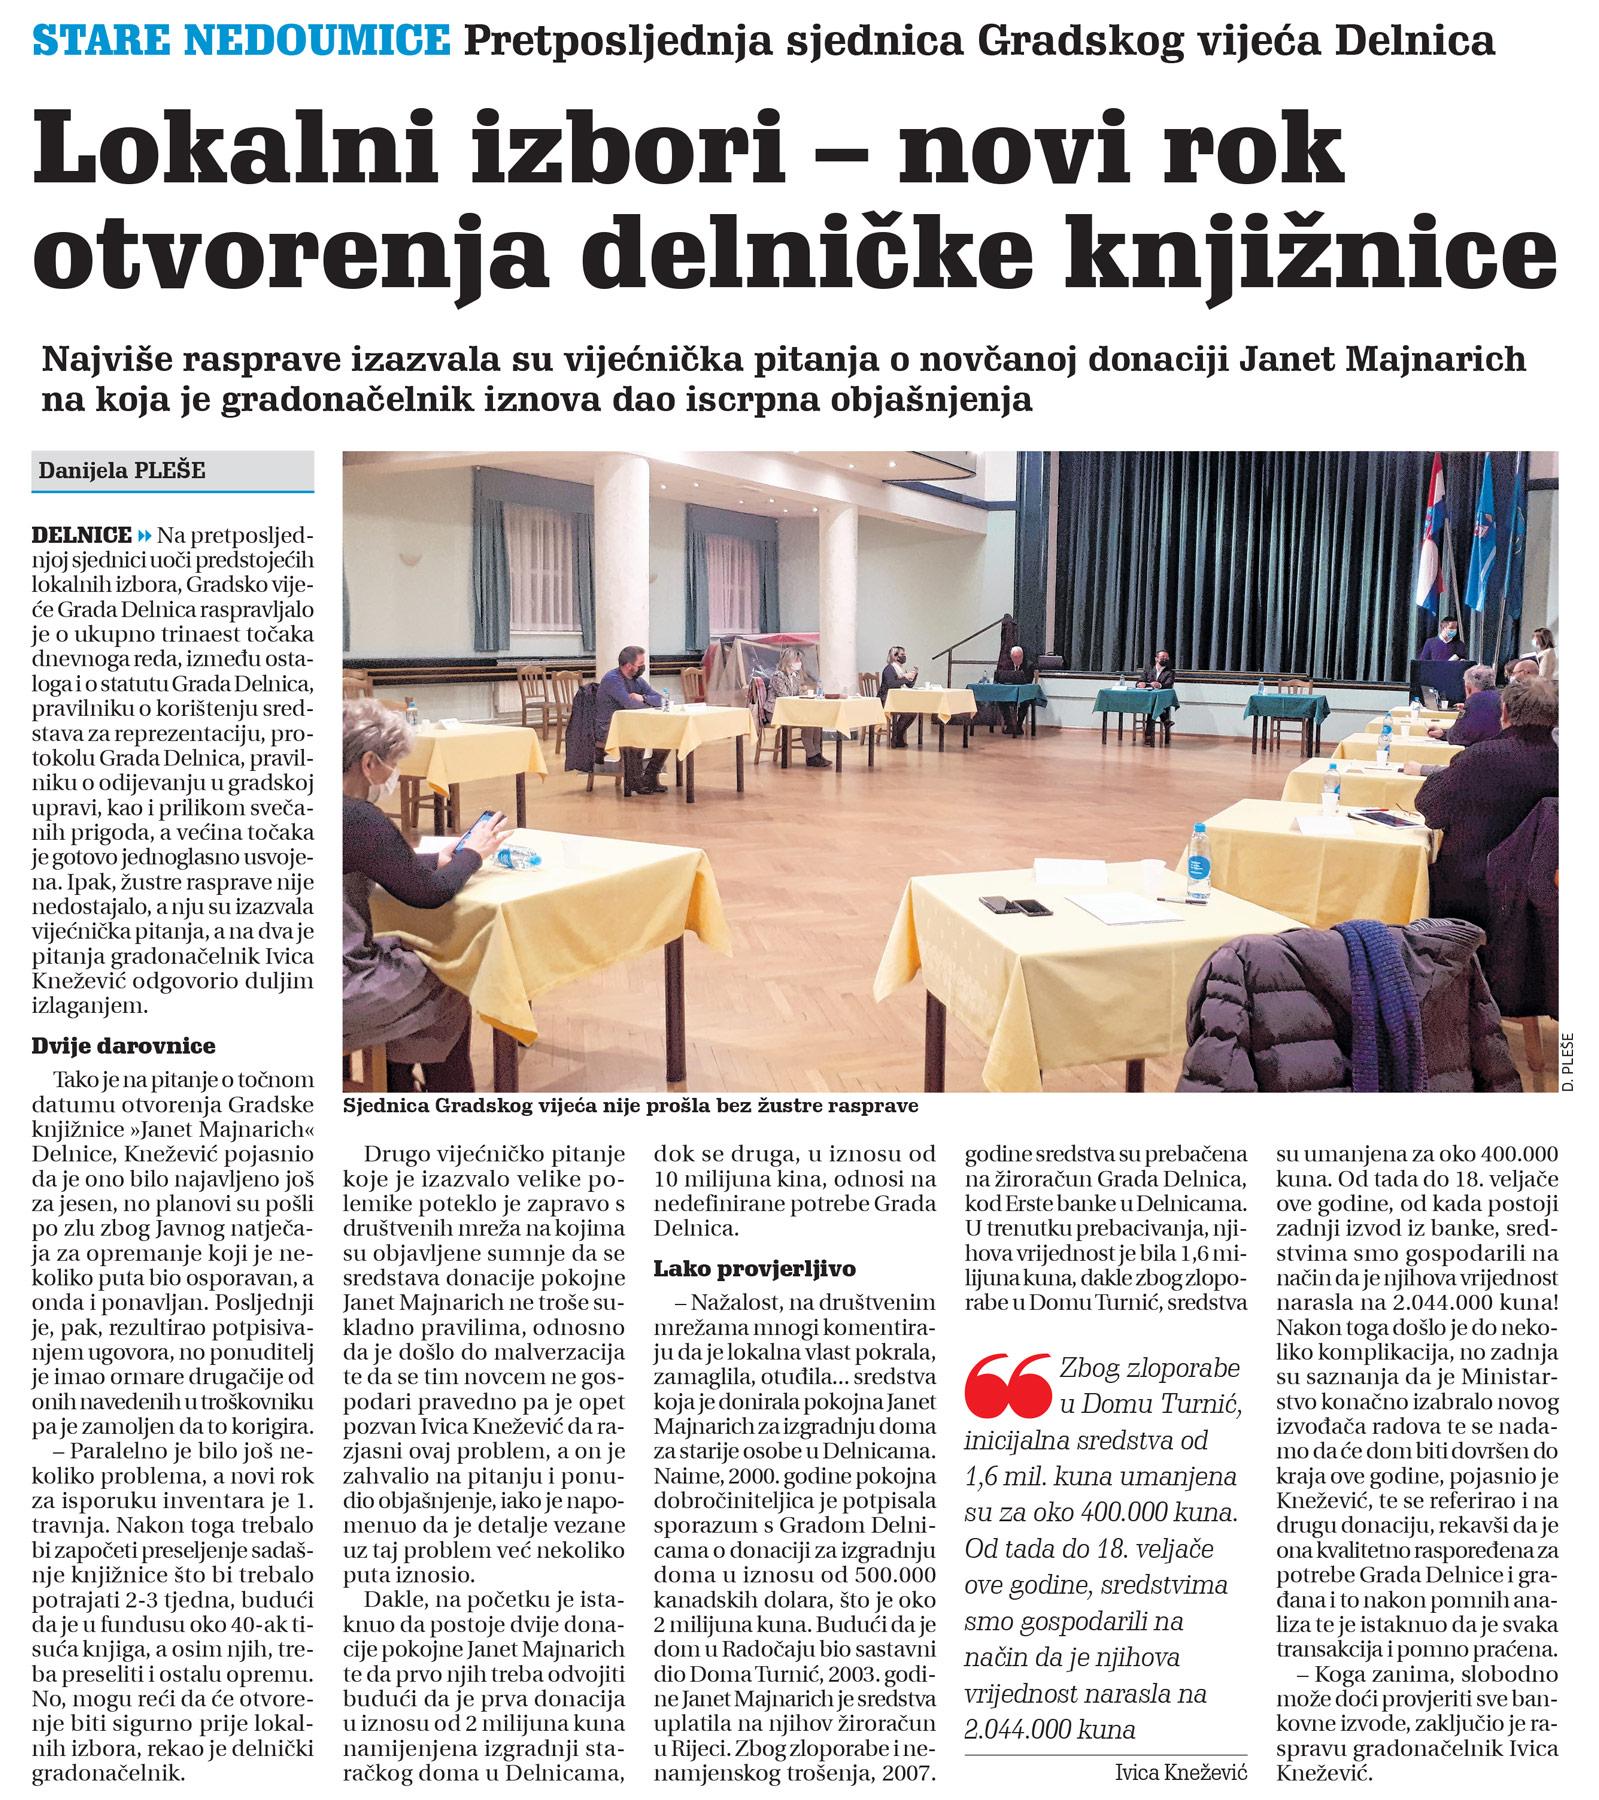 članak novi list, lokalni izbori